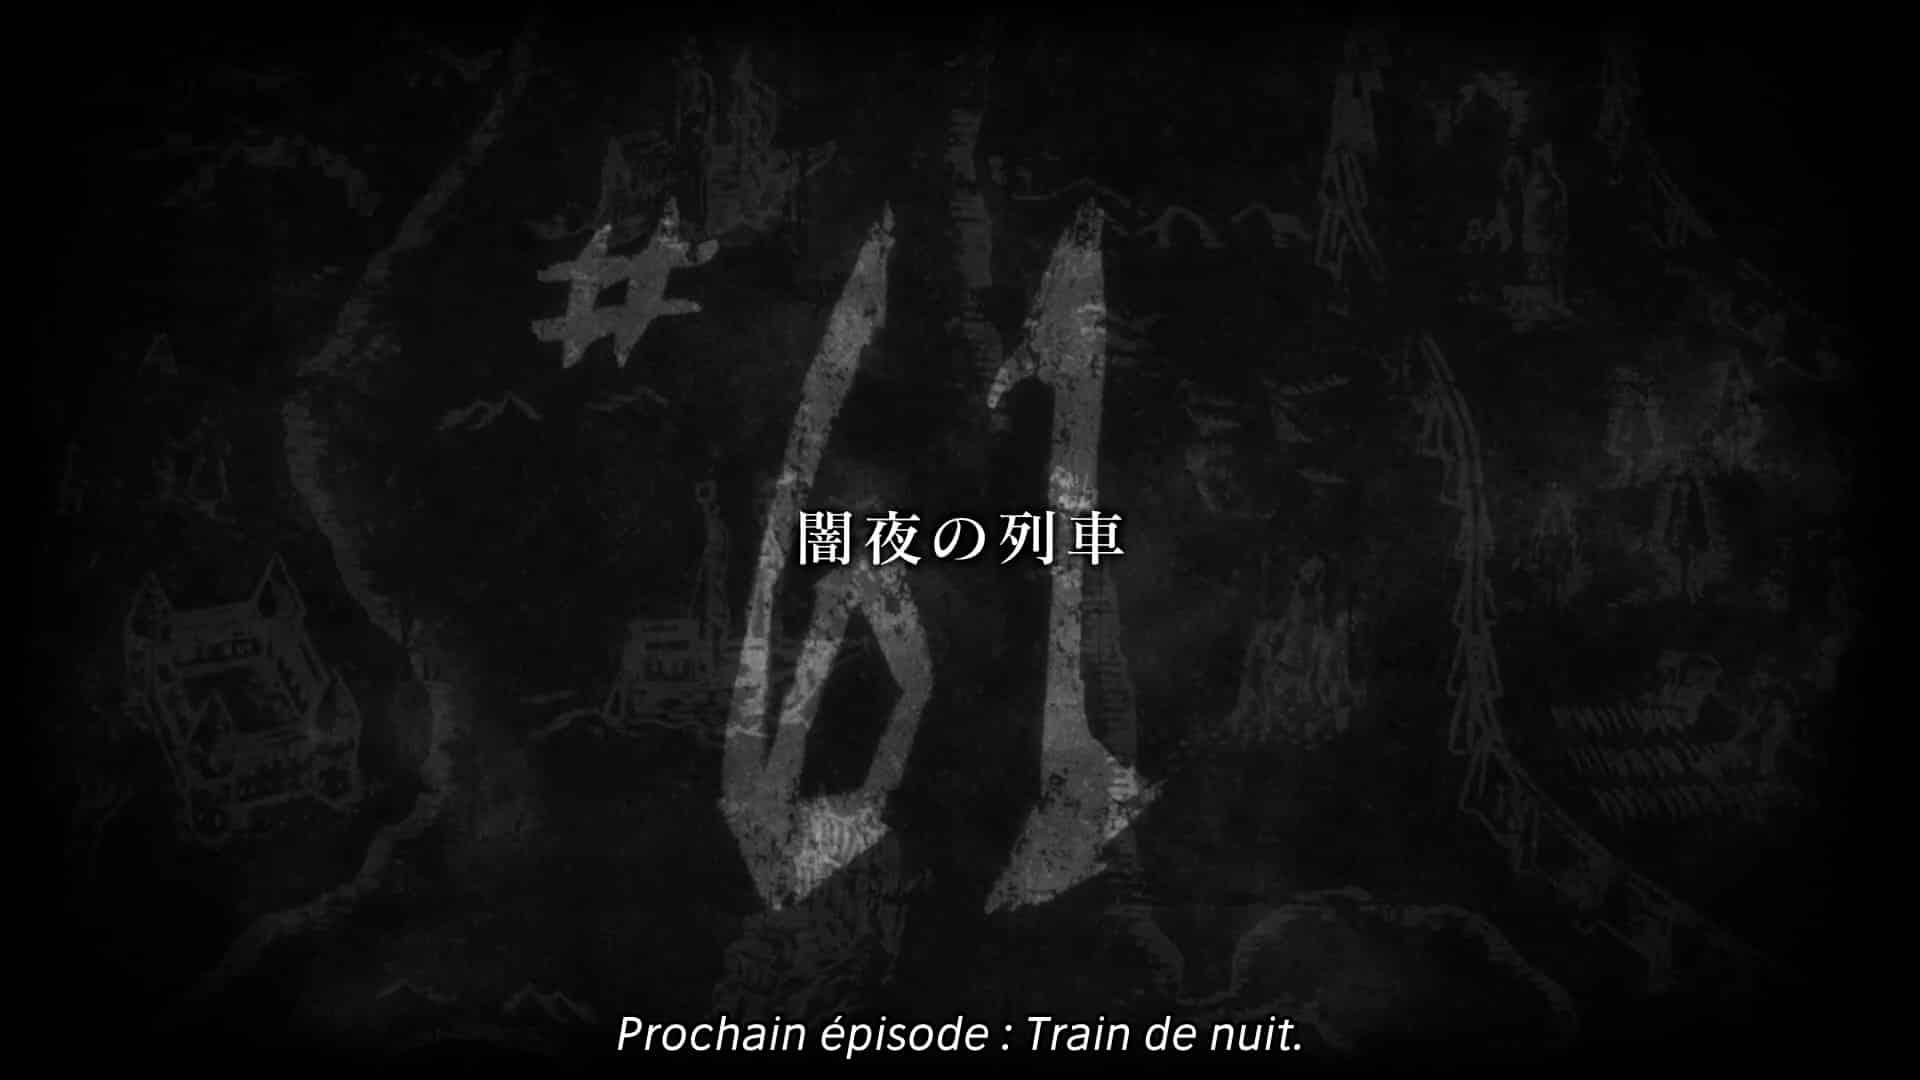 L'Attaque des Titans Saison 4 épisode 2 vostfr - Train de Nuit 5